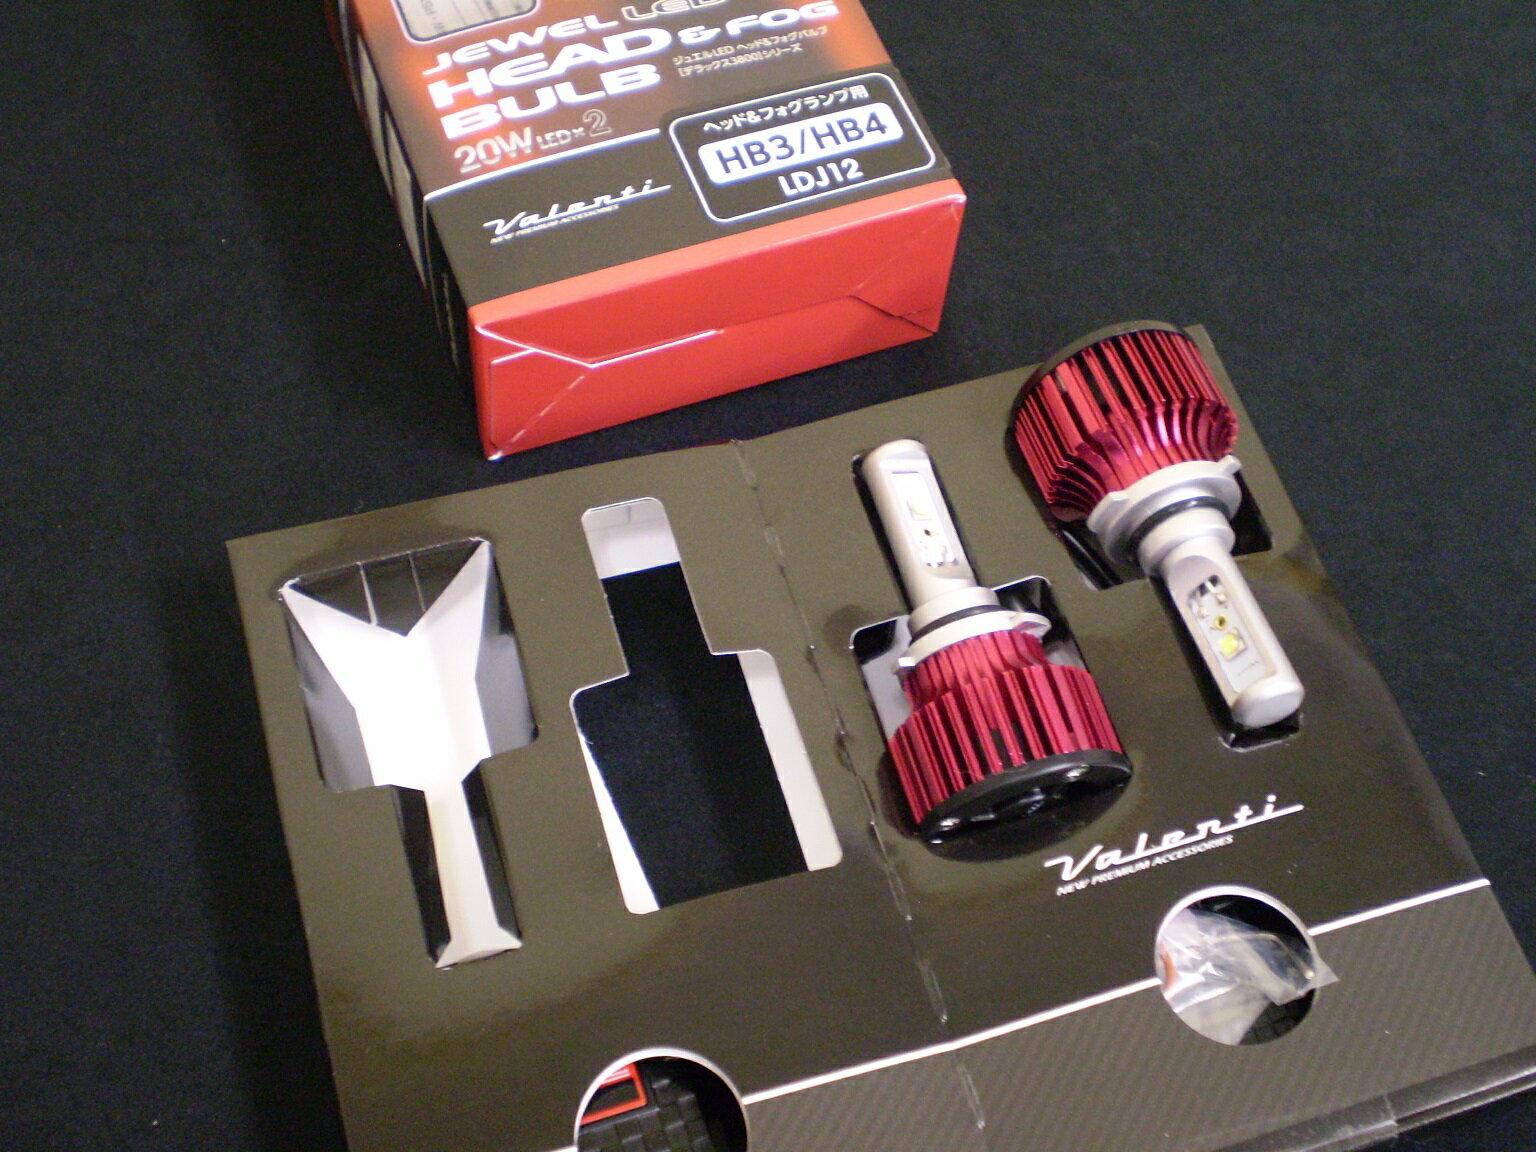 VALENTI JEWEL(ヴァレンティ ジュエル) LED ヘッドライト & LEDフォグランプ HB3 / HB4 共用バルブ 6000ケルビン 3800ルーメン!! Deluxe3800シリーズ led ヘッドライト 【 02P05Nov16 】